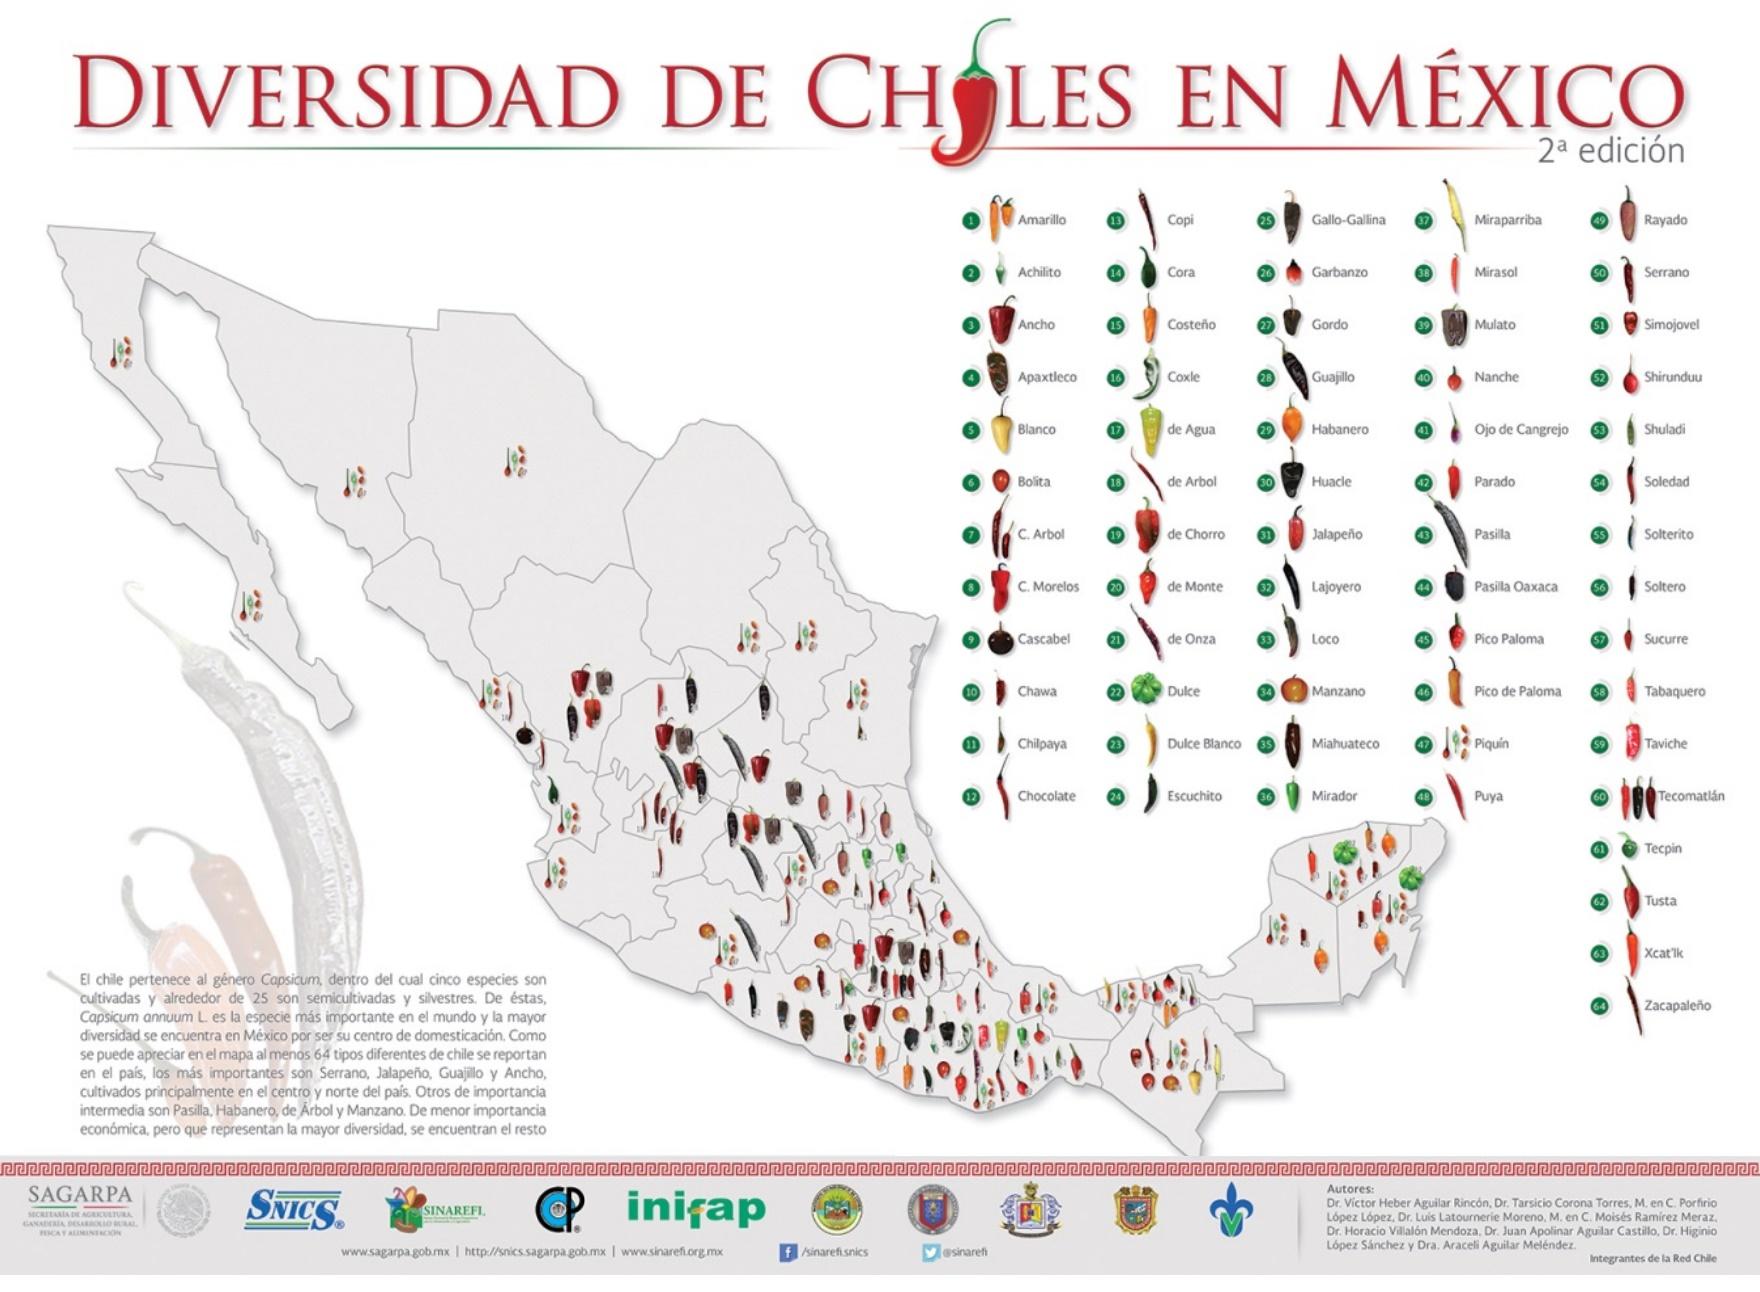 mapa diversidad de chiles